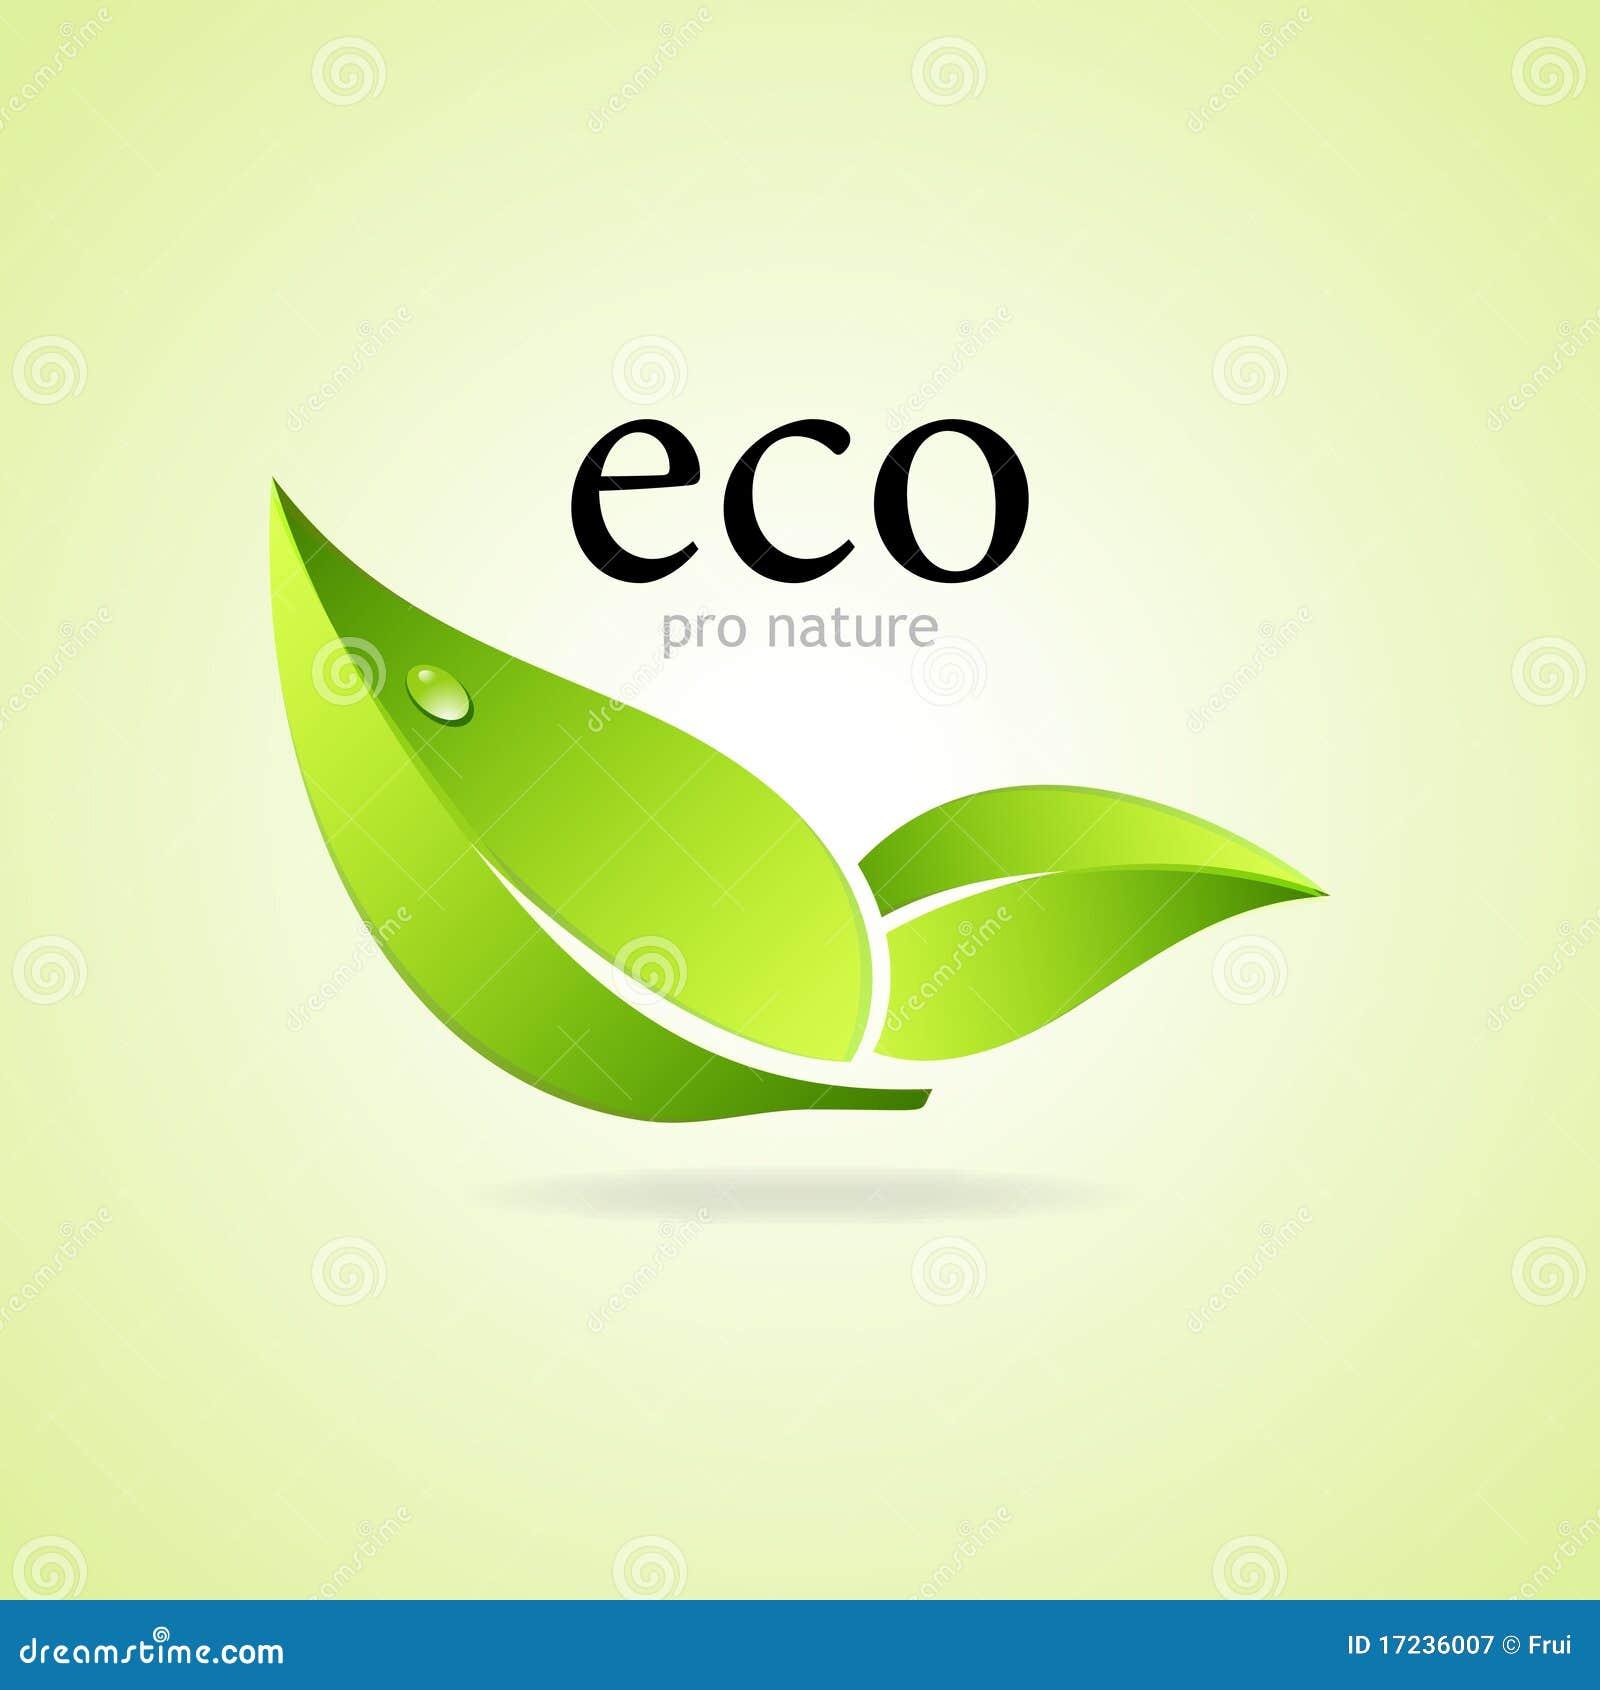 Eco Pro Nature Symbol Royalty Free Stock Photography Image 17236007